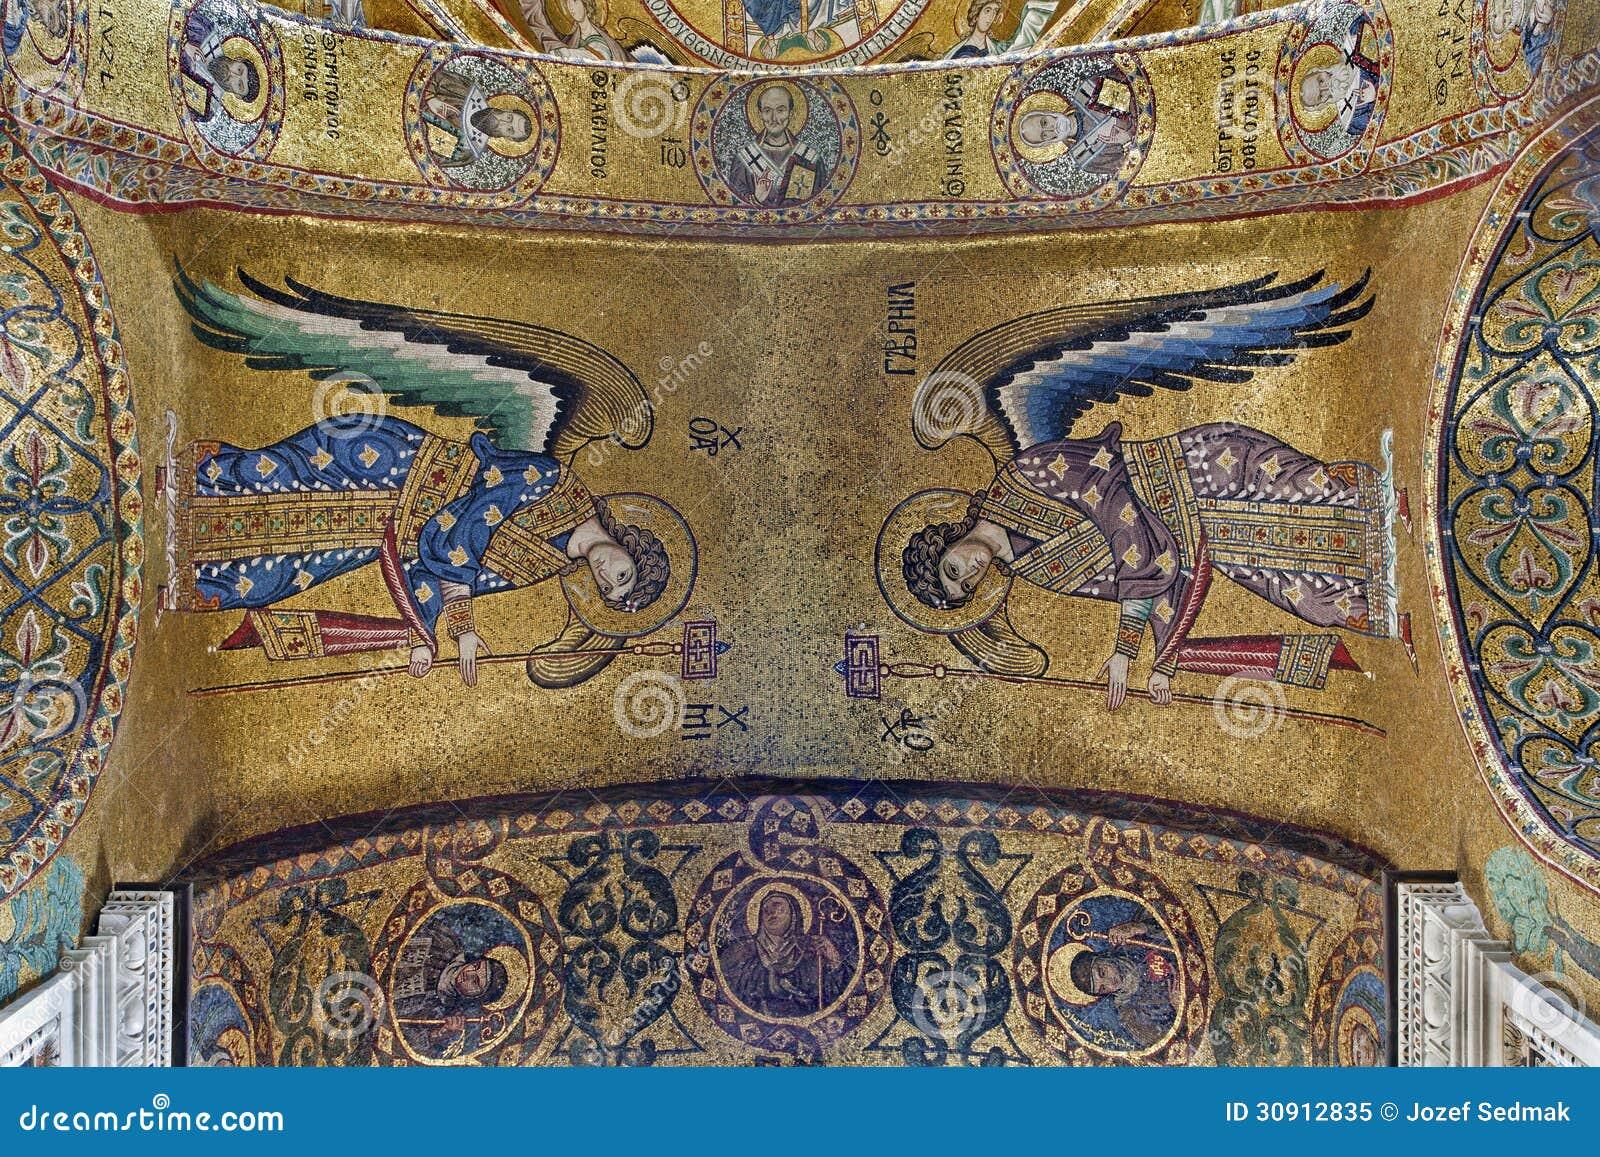 Παλέρμο - μωσαϊκό του αρχαγγέλου Michael και Gabriel από το ανώτατο όριο στην εκκλησία της Σάντα Μαρία dell Ammiraglio